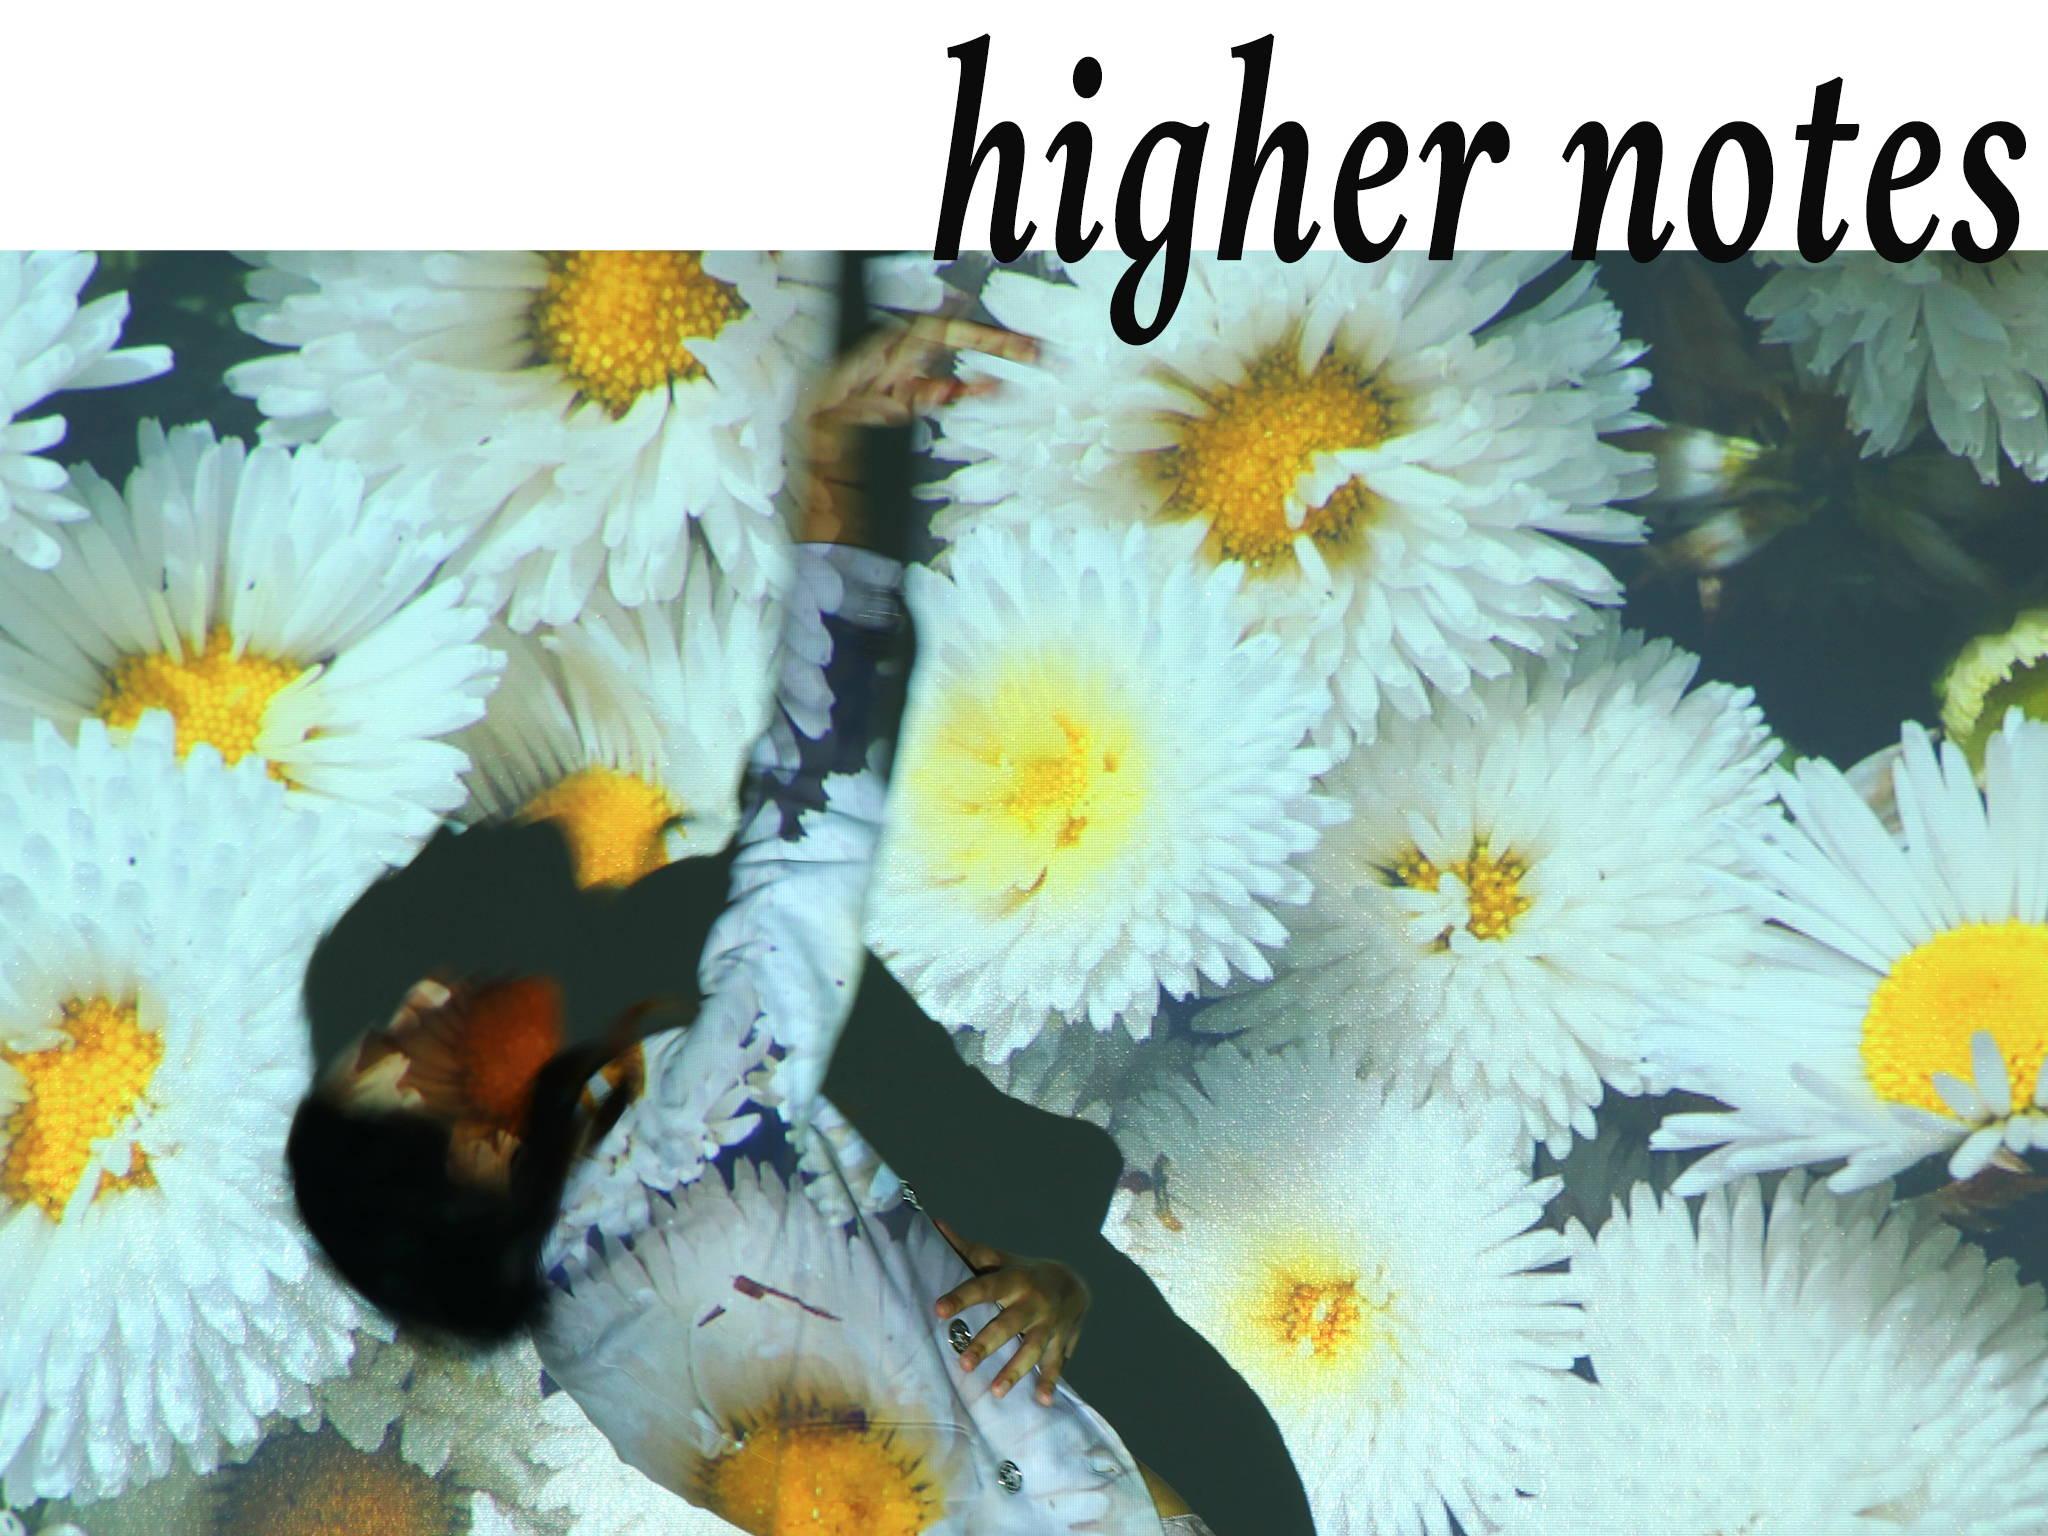 Higher Notes - Rustans.com